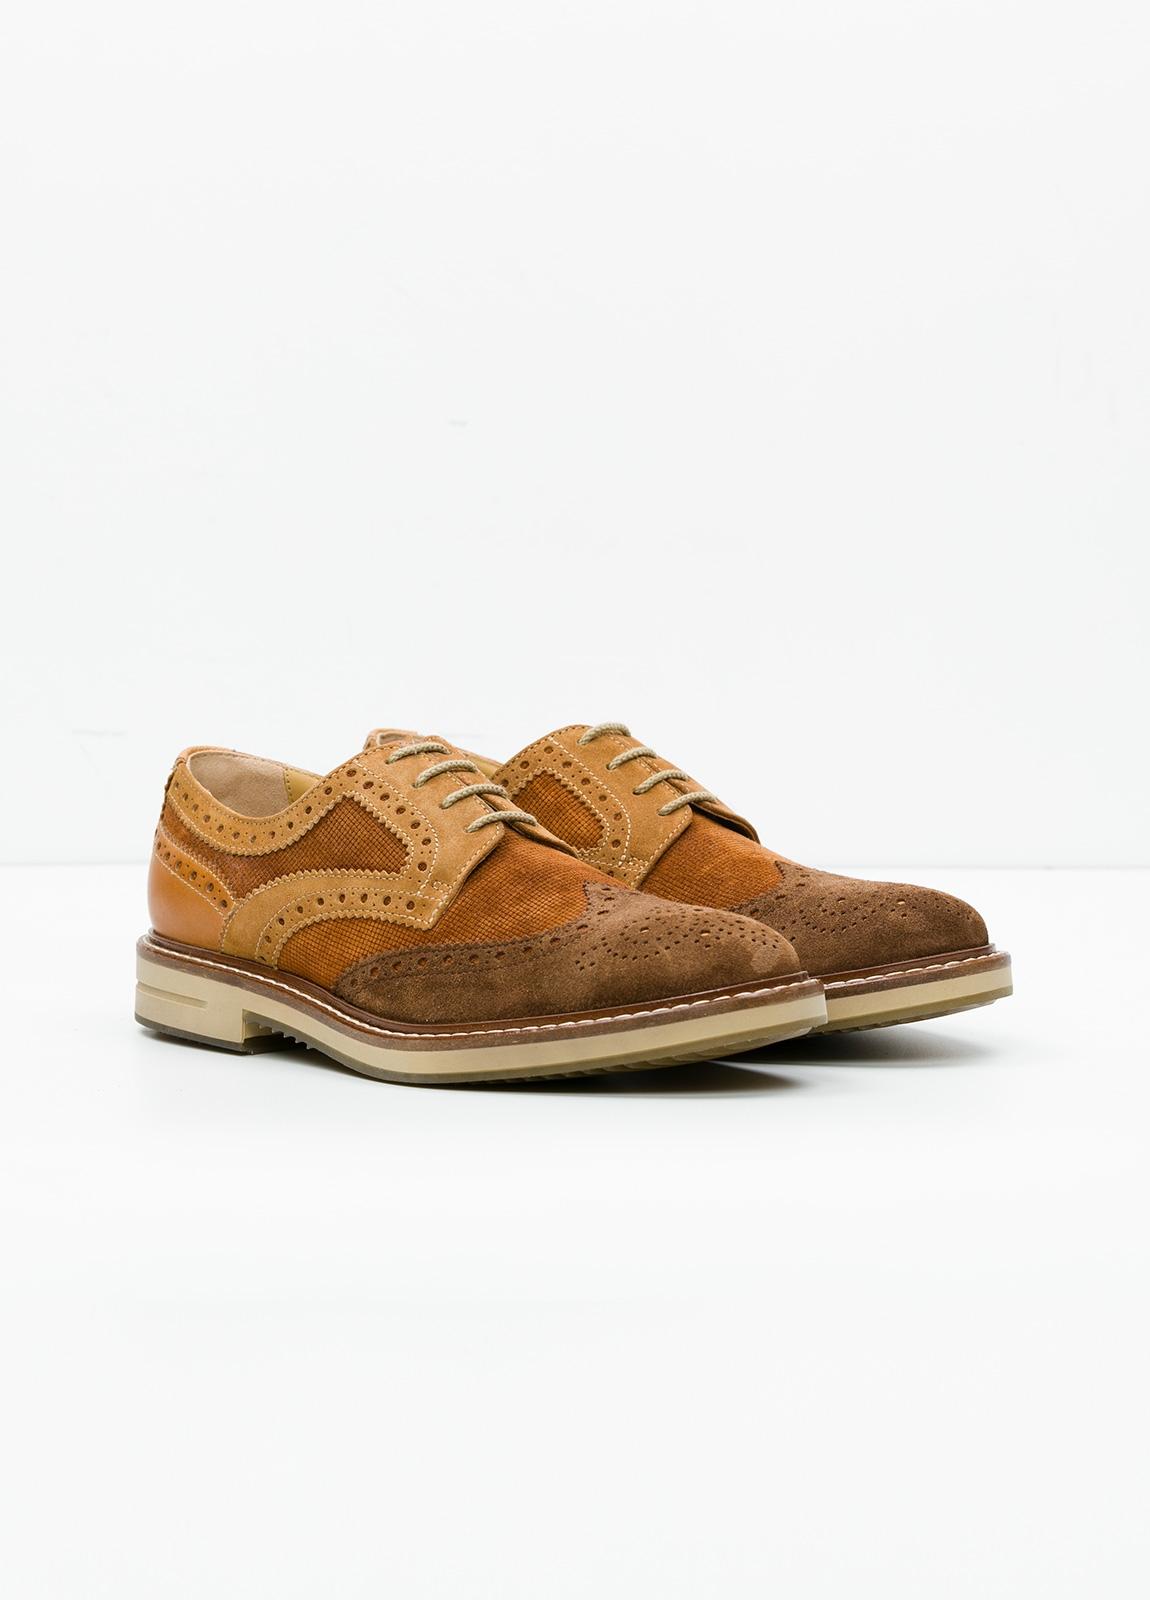 Zapato Sport Wear color marrón. Combinación de serraje y piel con troquelado. - Ítem3